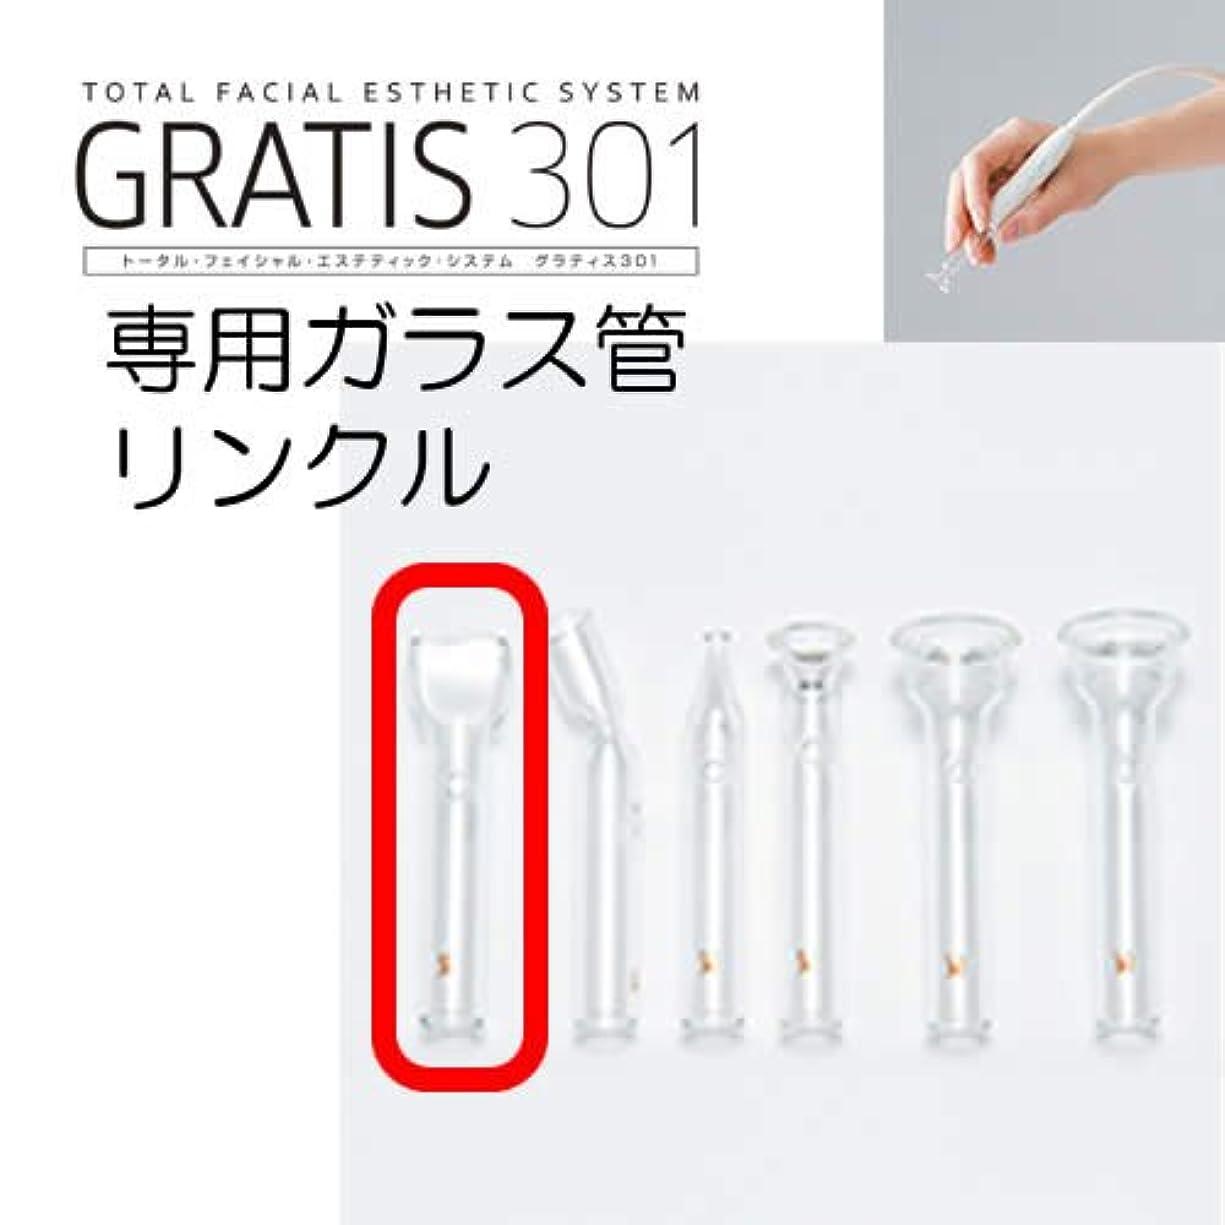 飼いならす複製平和GRATIS 301(グラティス301)専用ガラス管 リンクル(2本セット)